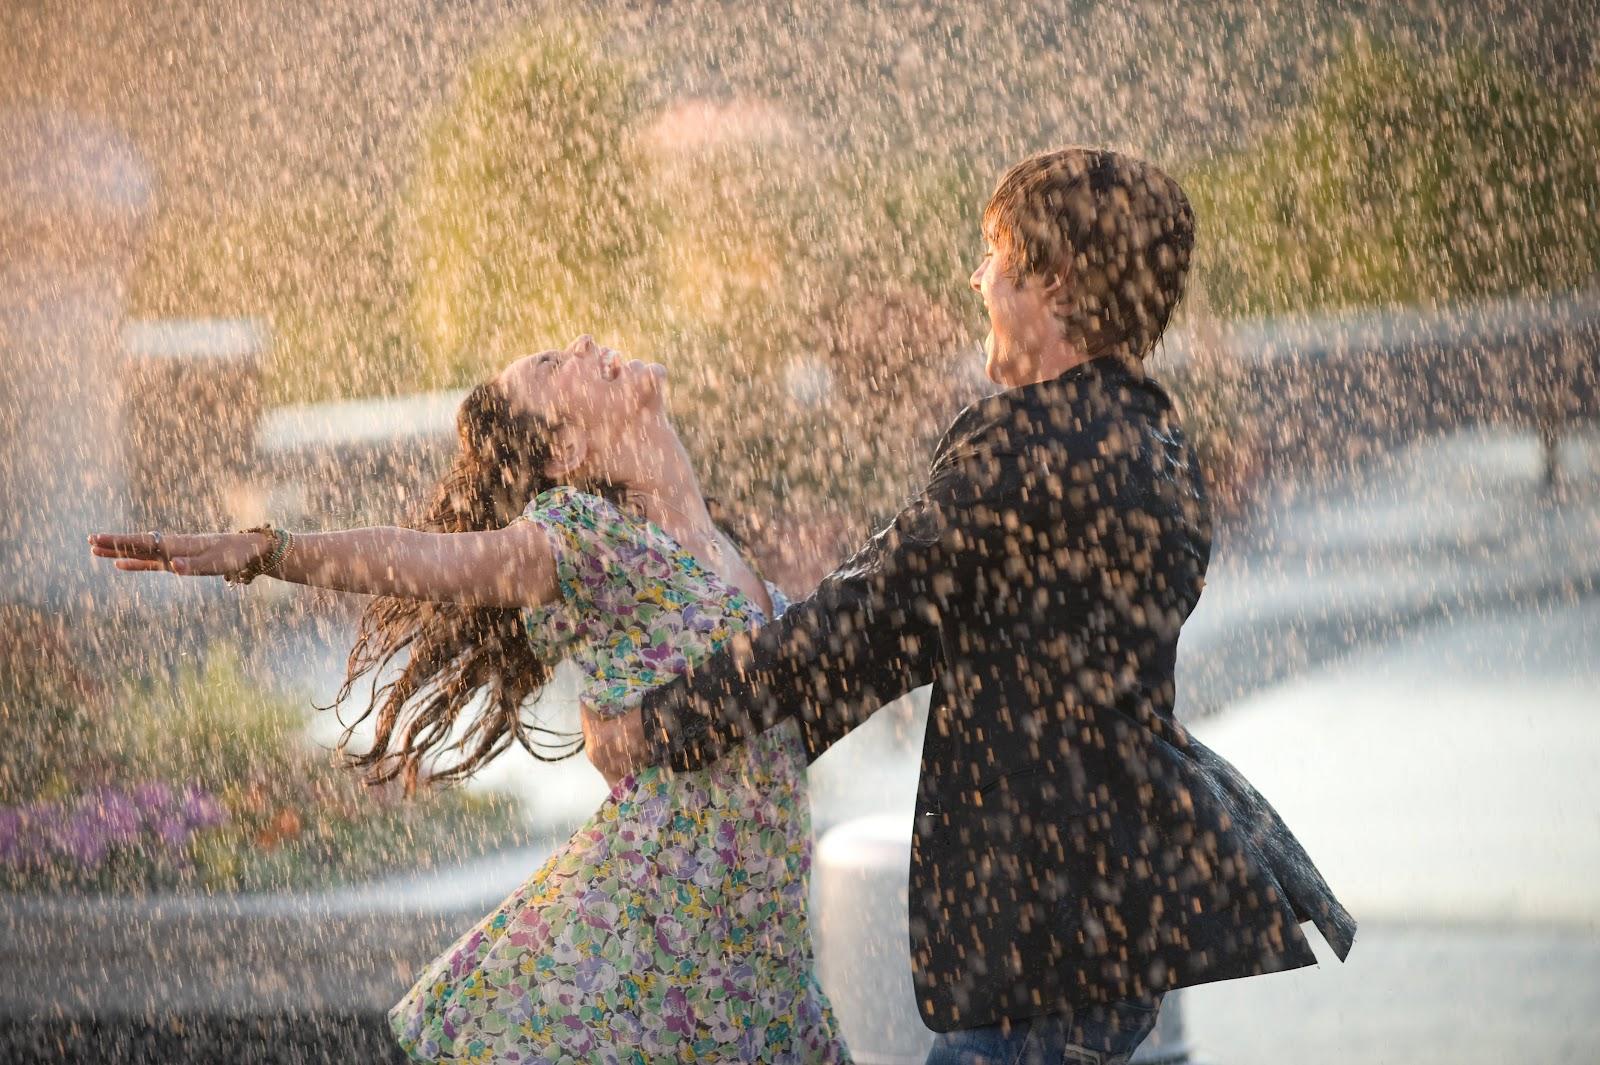 http://3.bp.blogspot.com/-q4_N_EHOXSE/T7NvdZg0ubI/AAAAAAAAAdA/3d7gNJEjLZk/s1600/rain%20kiss%20couple%20love%20shayari%20baarish.JPG